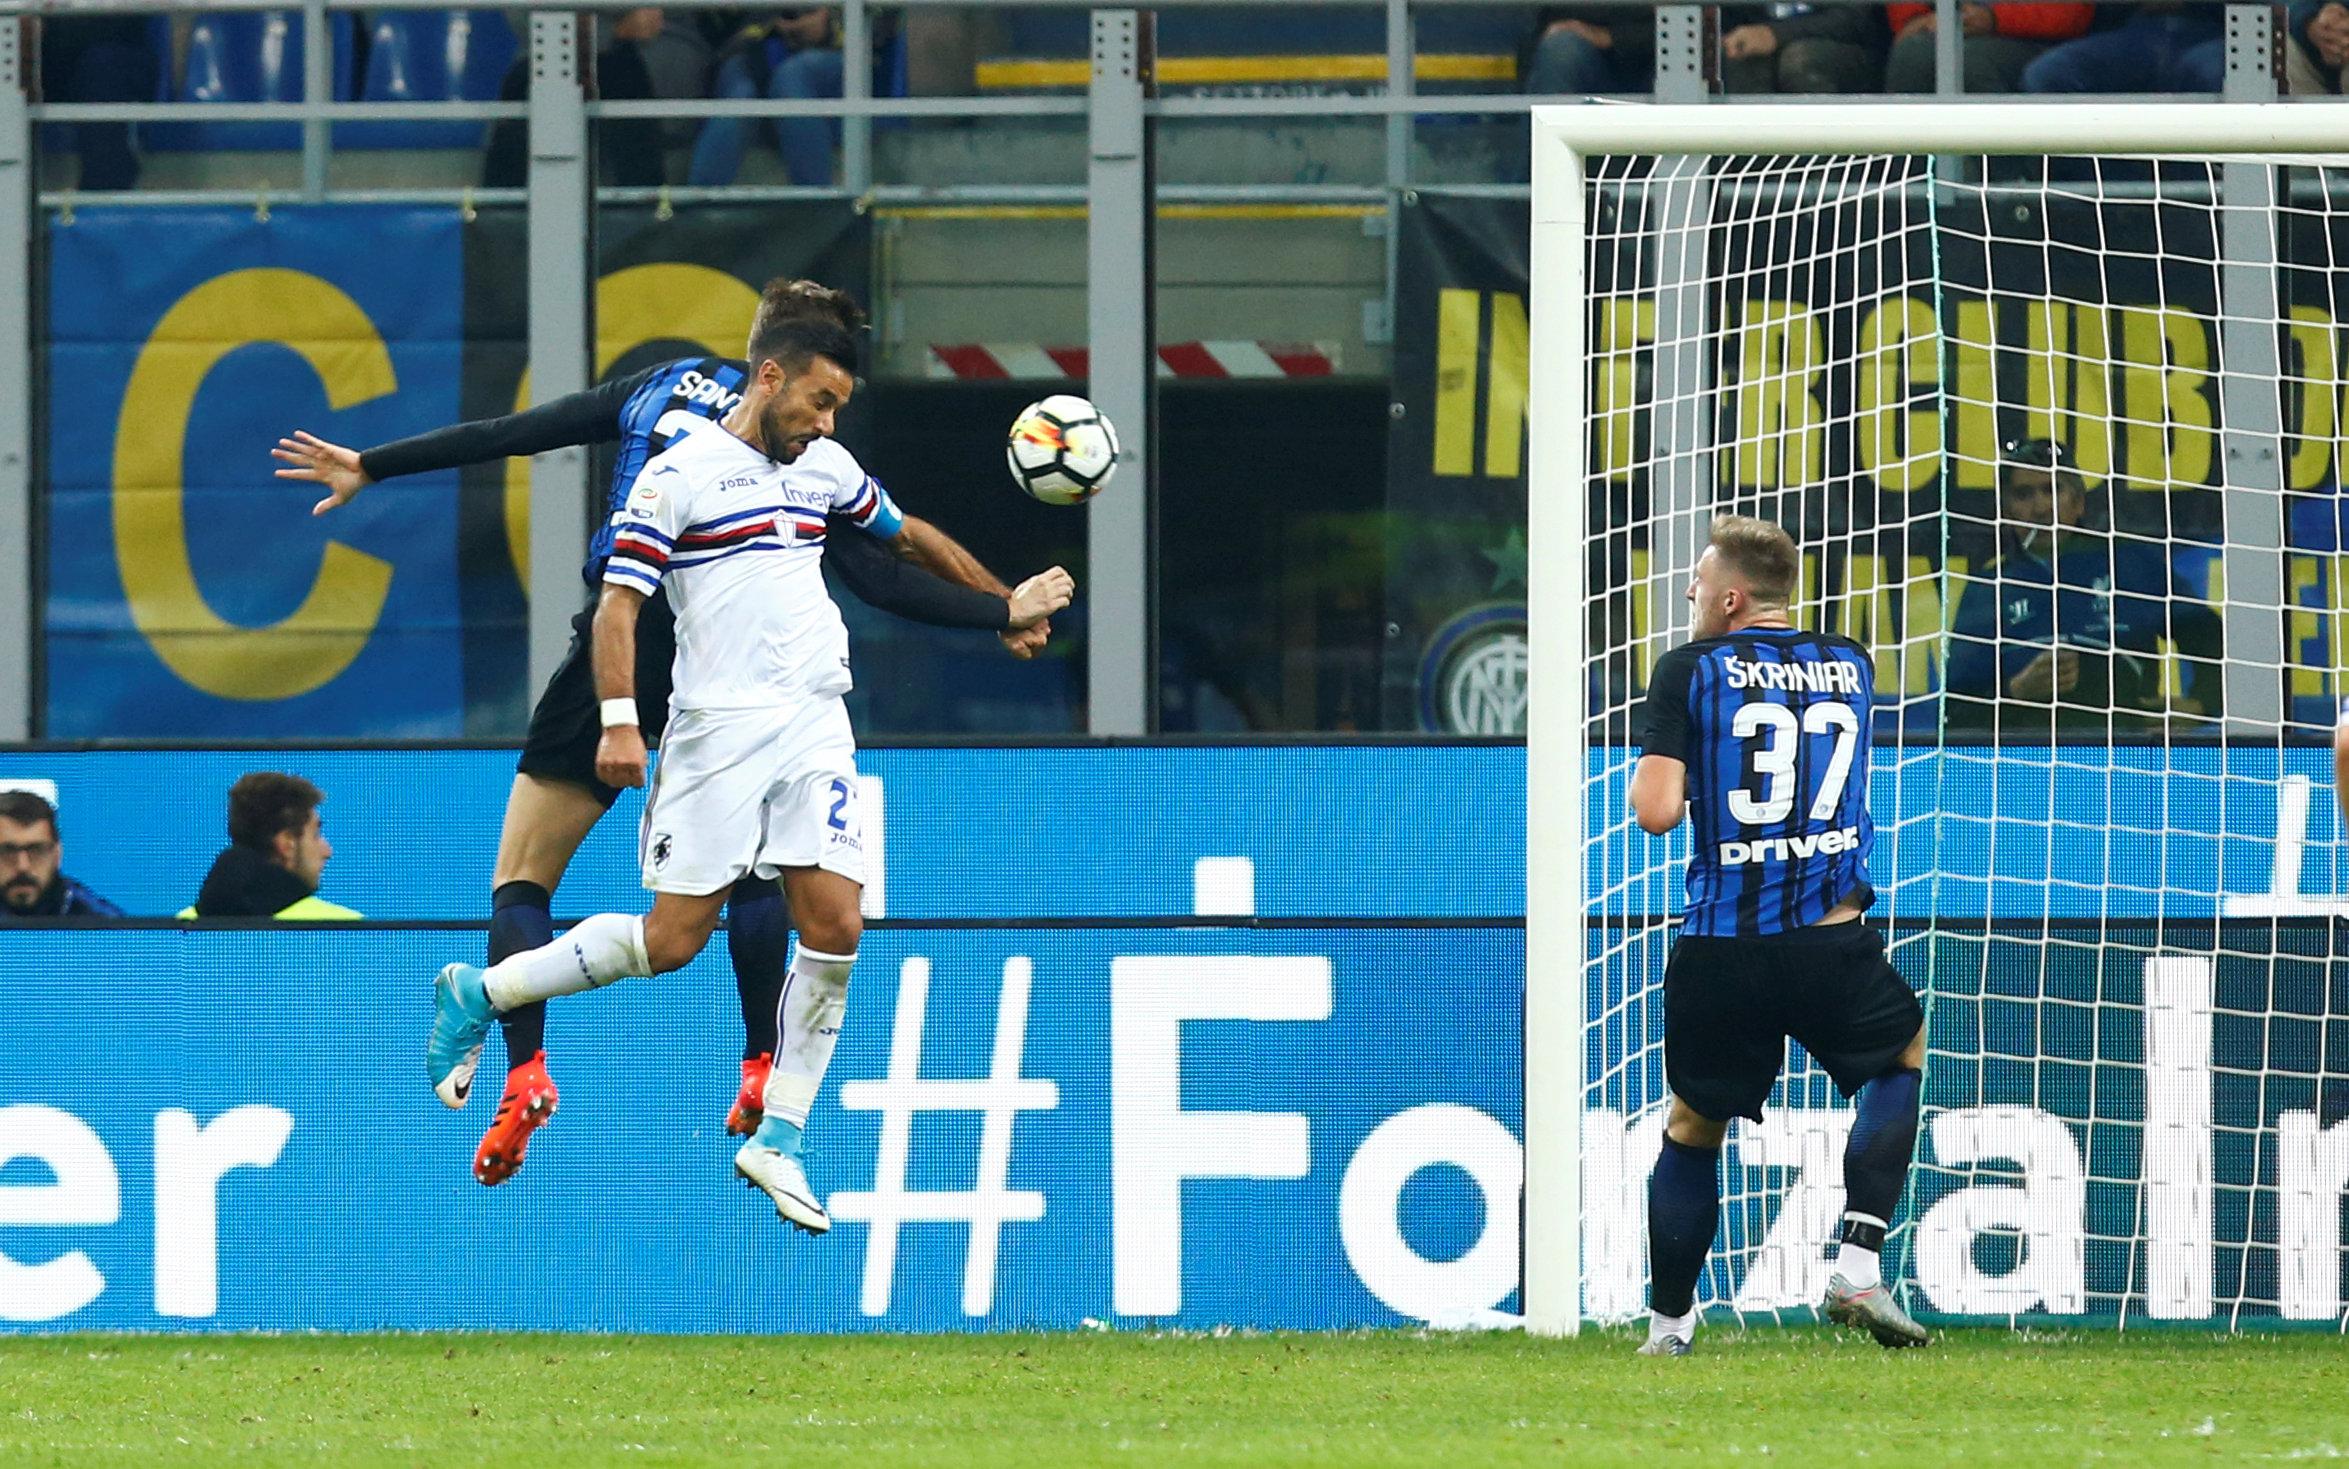 Pha đánh đầu rút ngắn tỉ số xuống 2-3 cho Sampdoria của Quagliarella (trắng). Ảnh: REUTERS